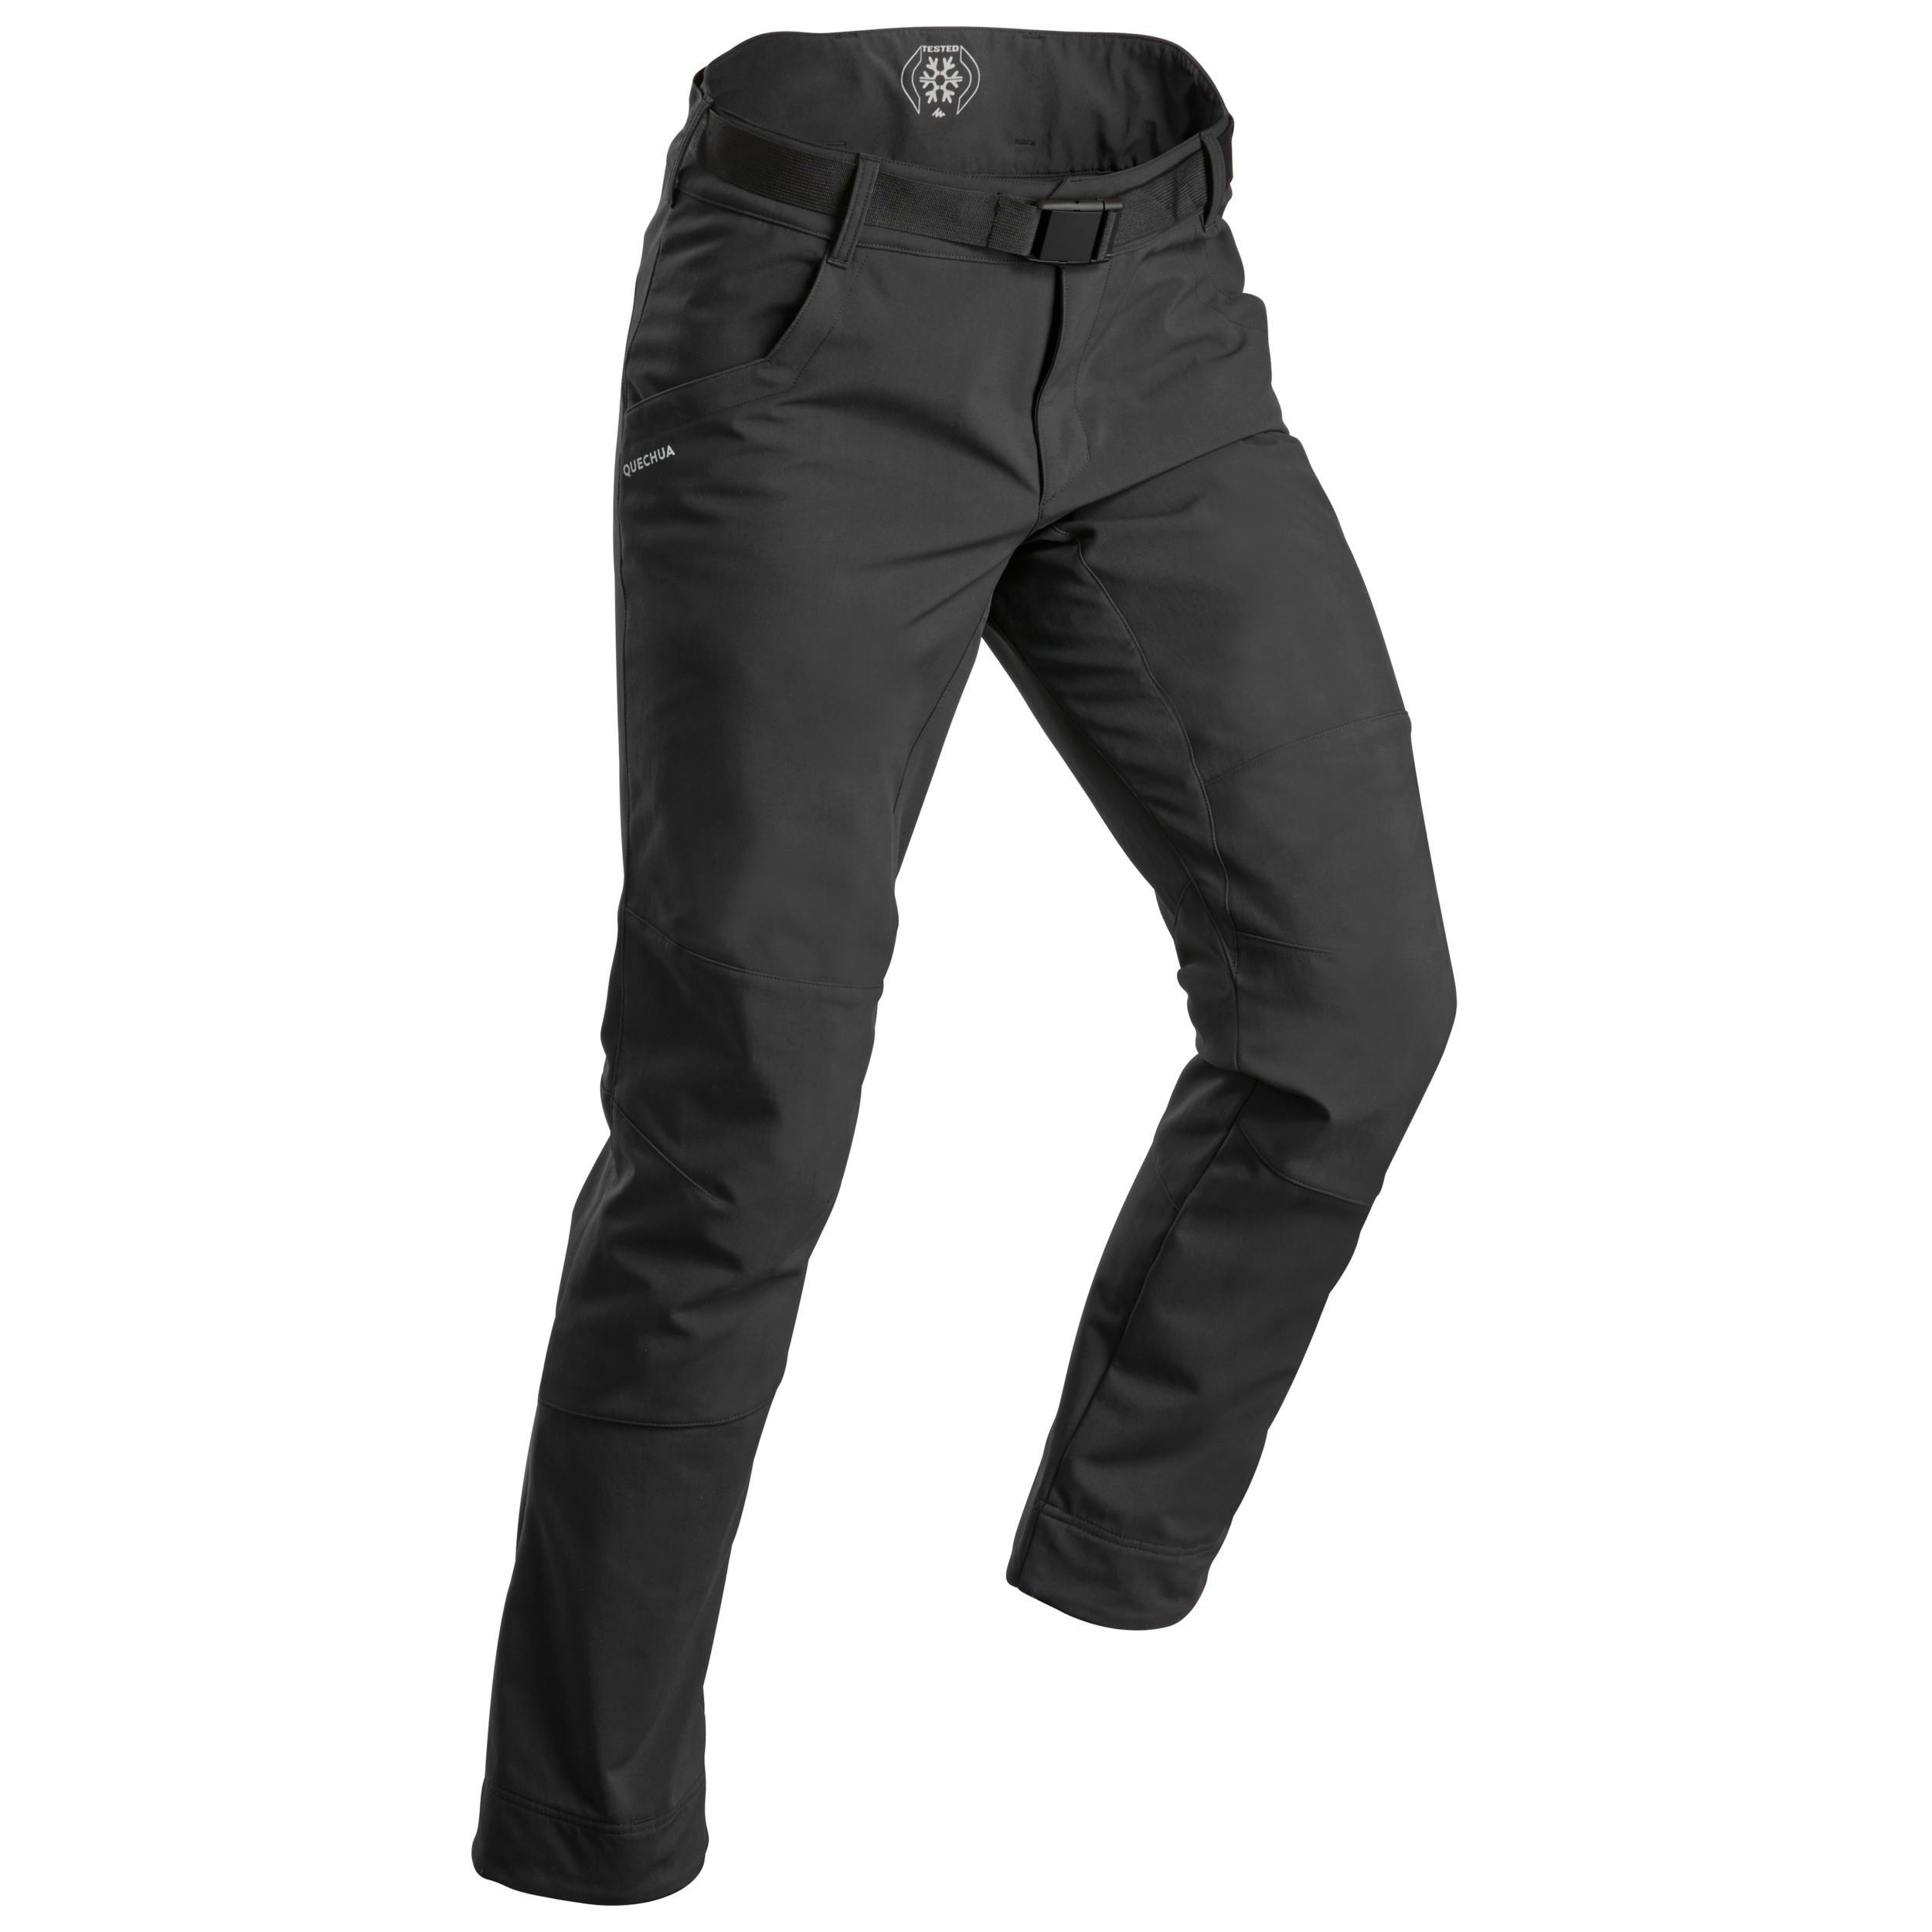 Pantalon SH100 X-Warm Bărbaţi imagine